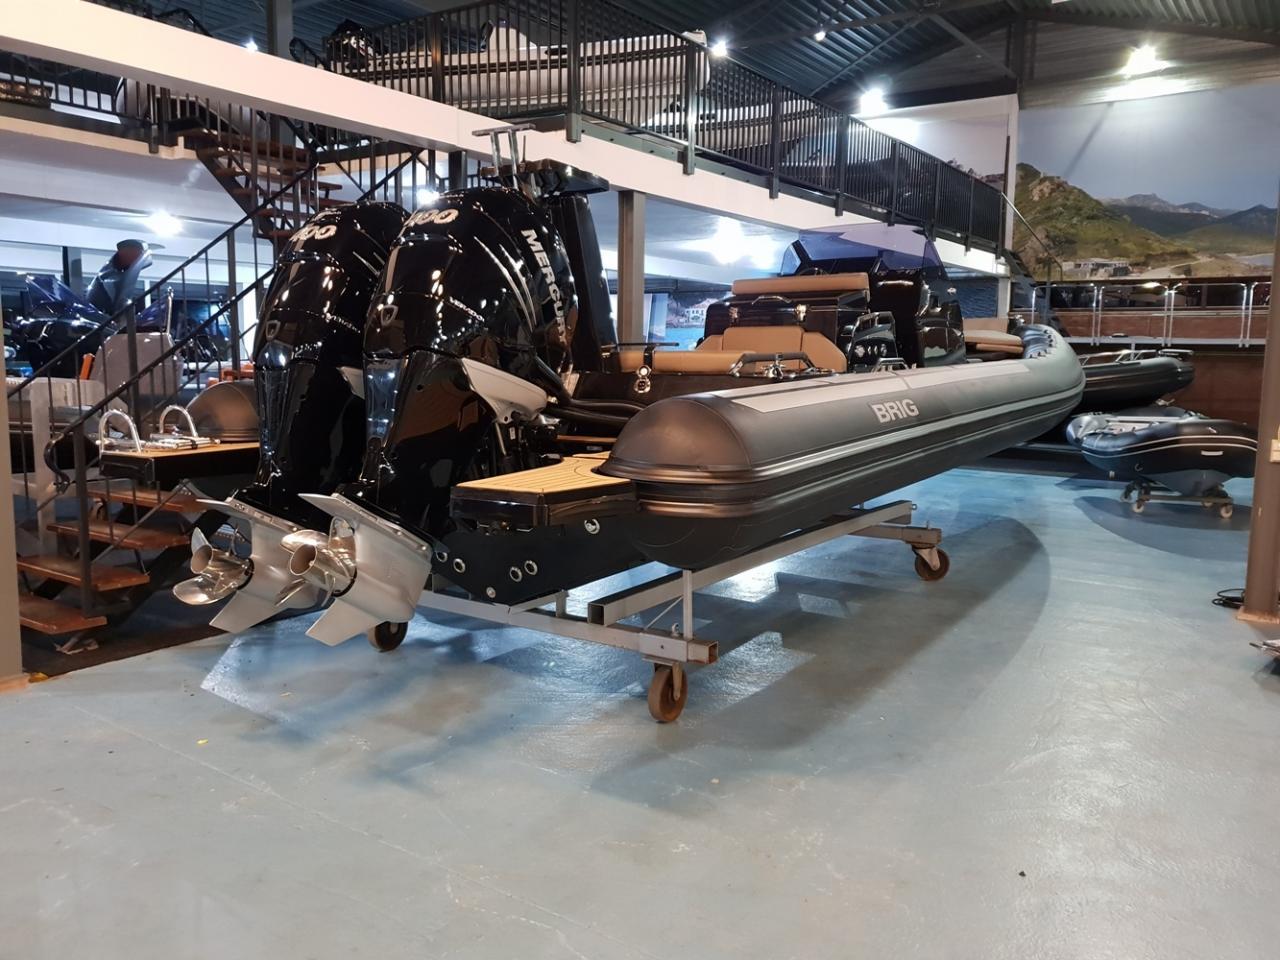 Brig Eagle 10 met 2 x Mercury Verado 400 pk! 2